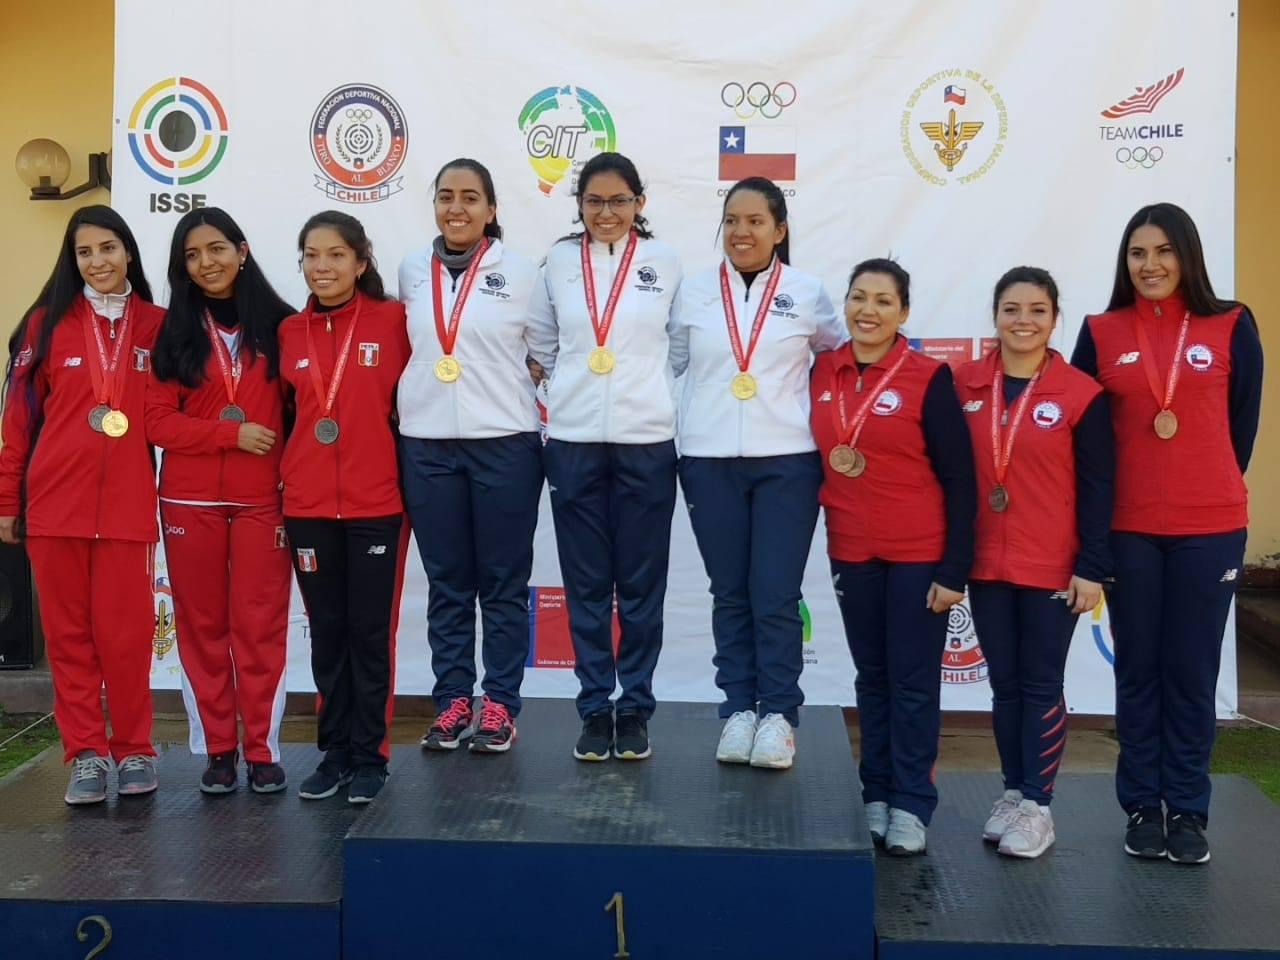 Lucia Cruz Torres 1